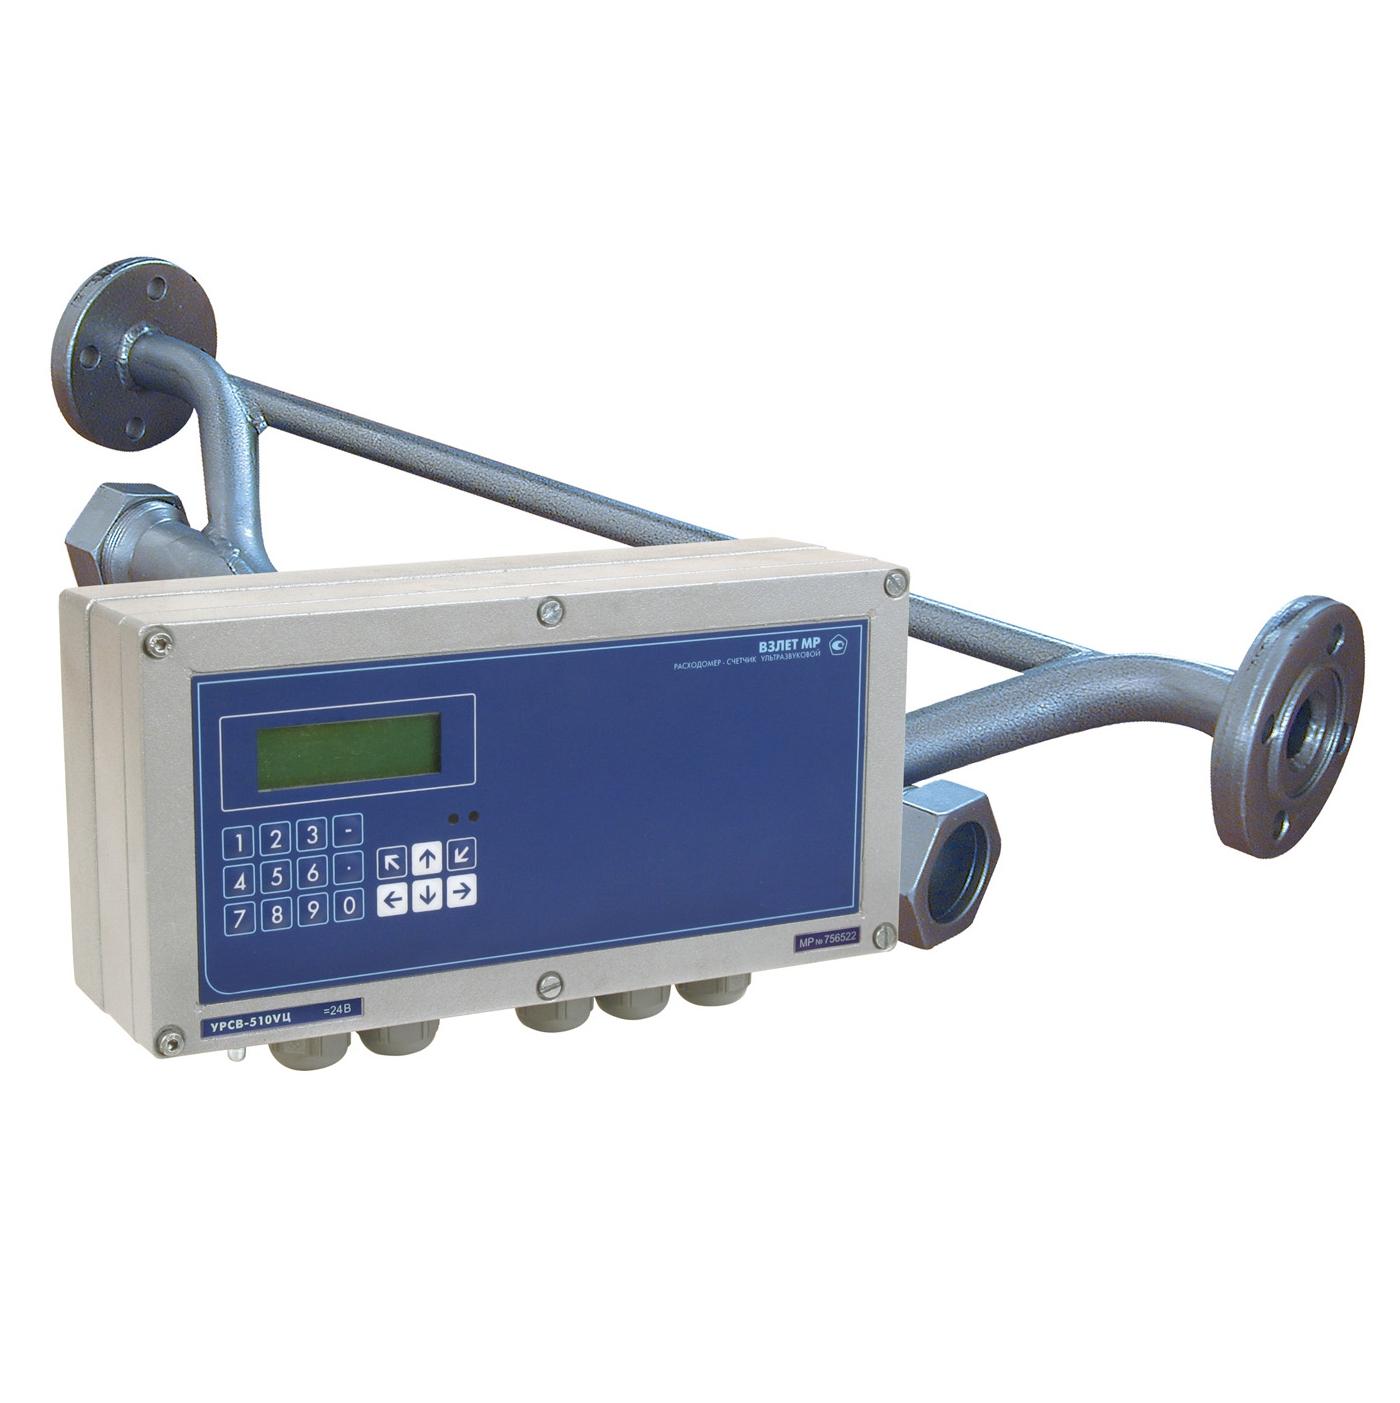 ВЗЛЕТ УРСВ-510V Ц расходомер-счетчик ультразвуковой для вязких жидкостей цифровой